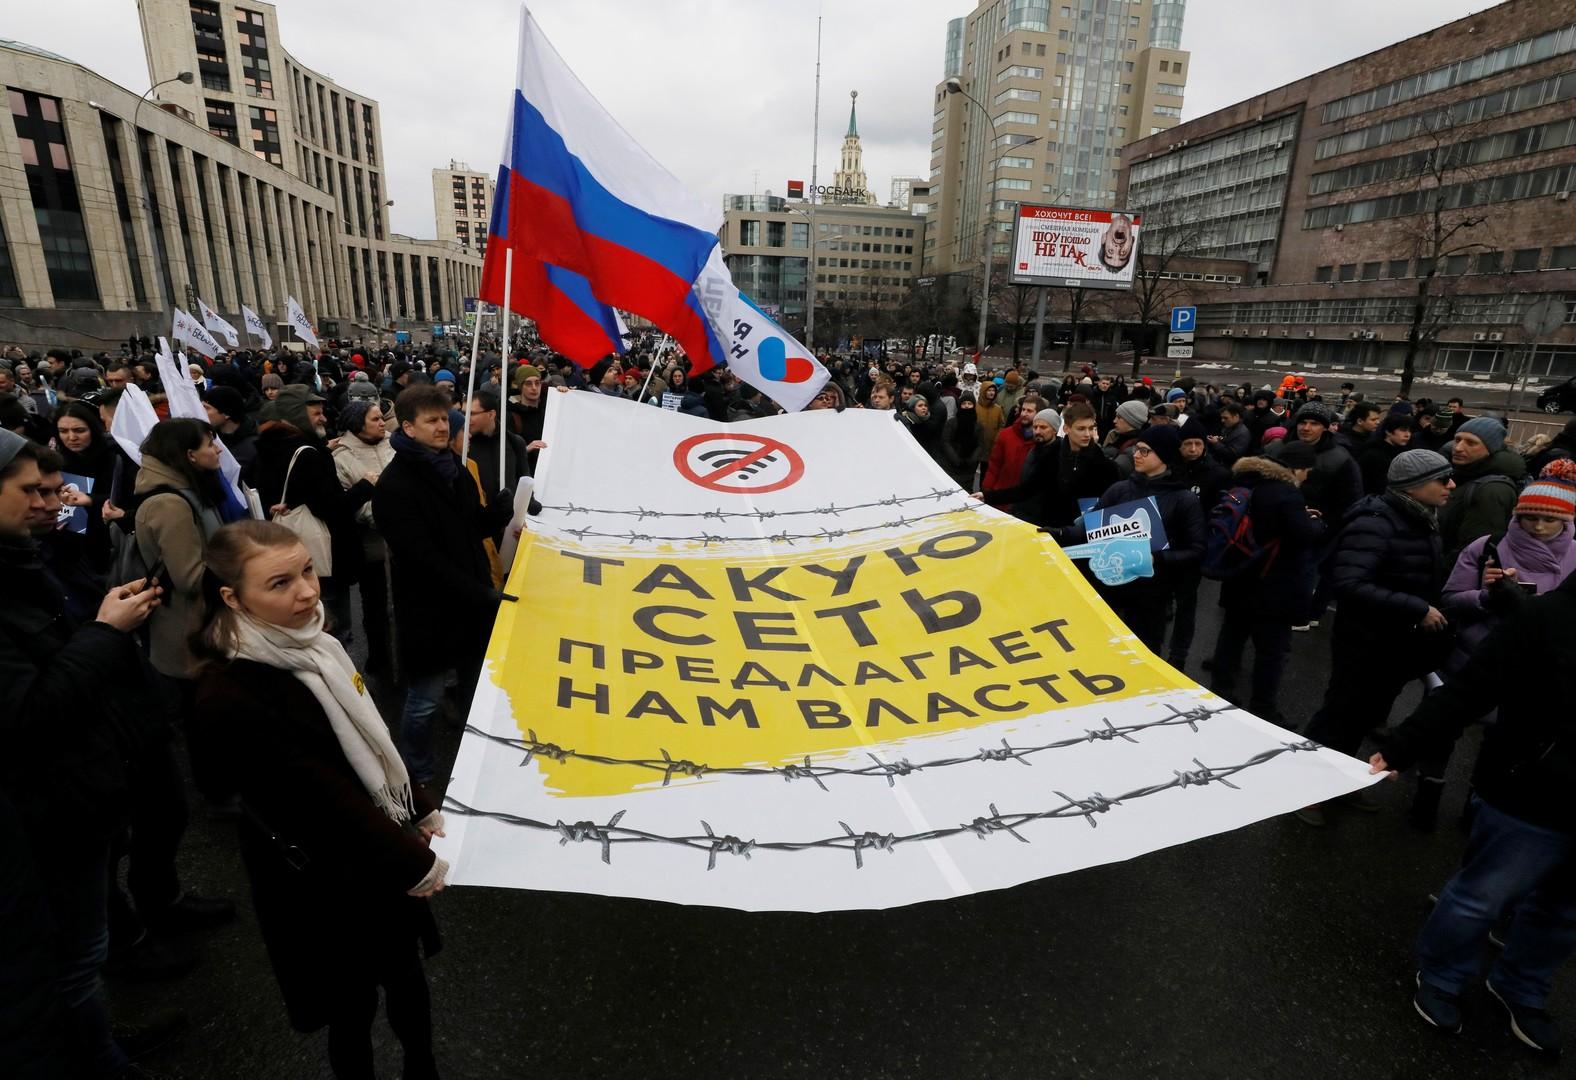 Demo für freies Internet in Moskau – RT und Ruptly sind nicht zugelassen